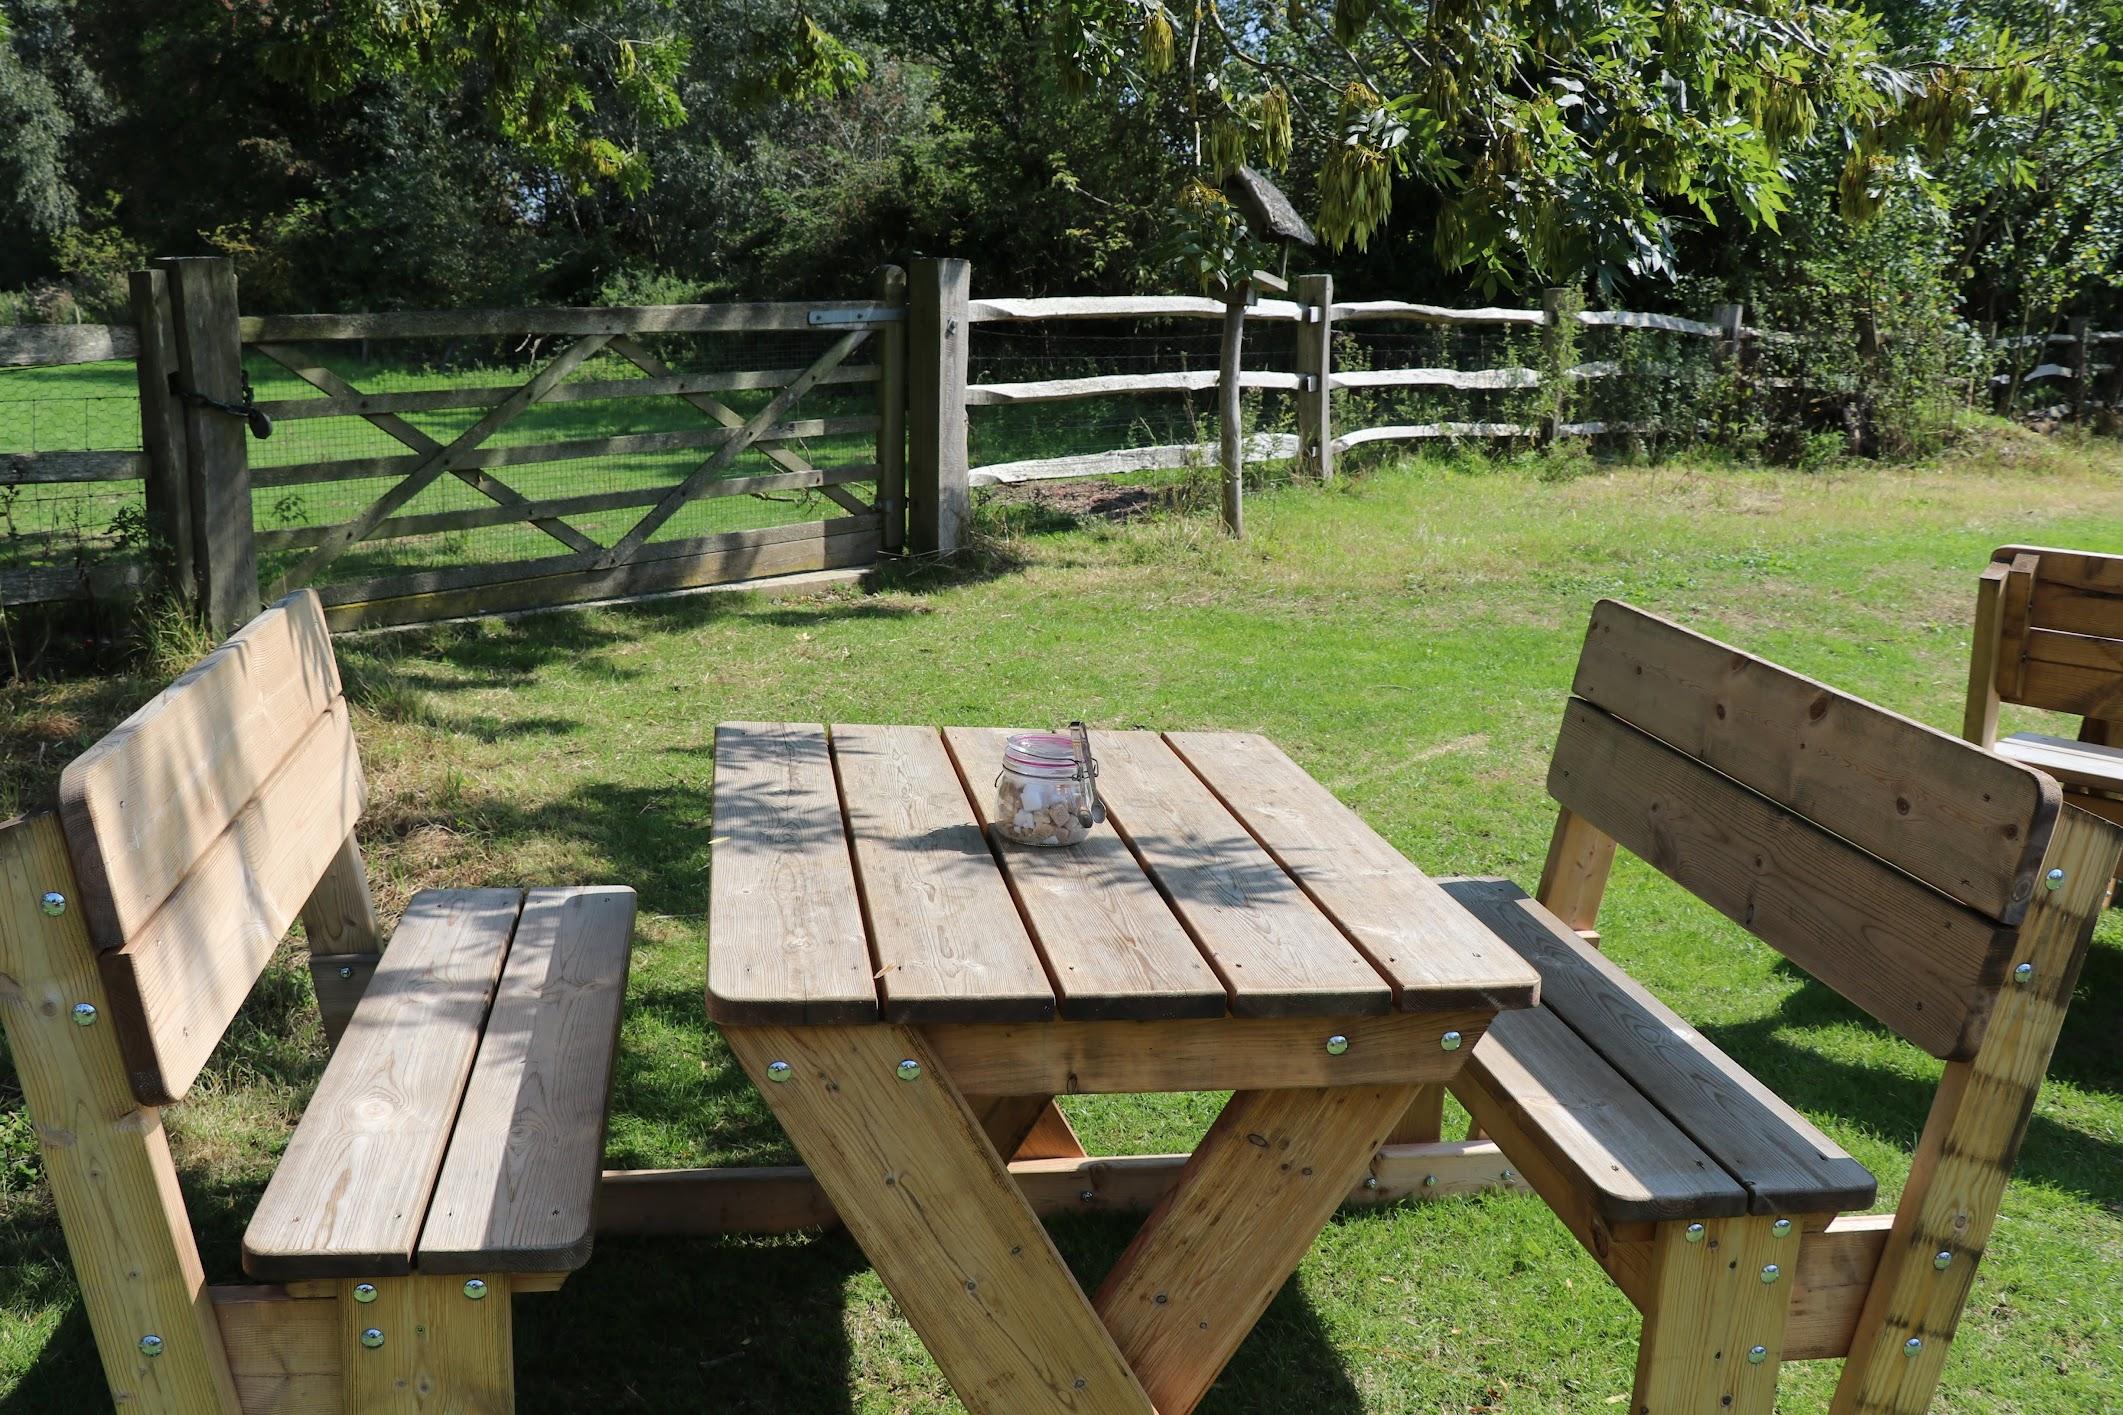 Smallhythe Place National Trust Tenterden